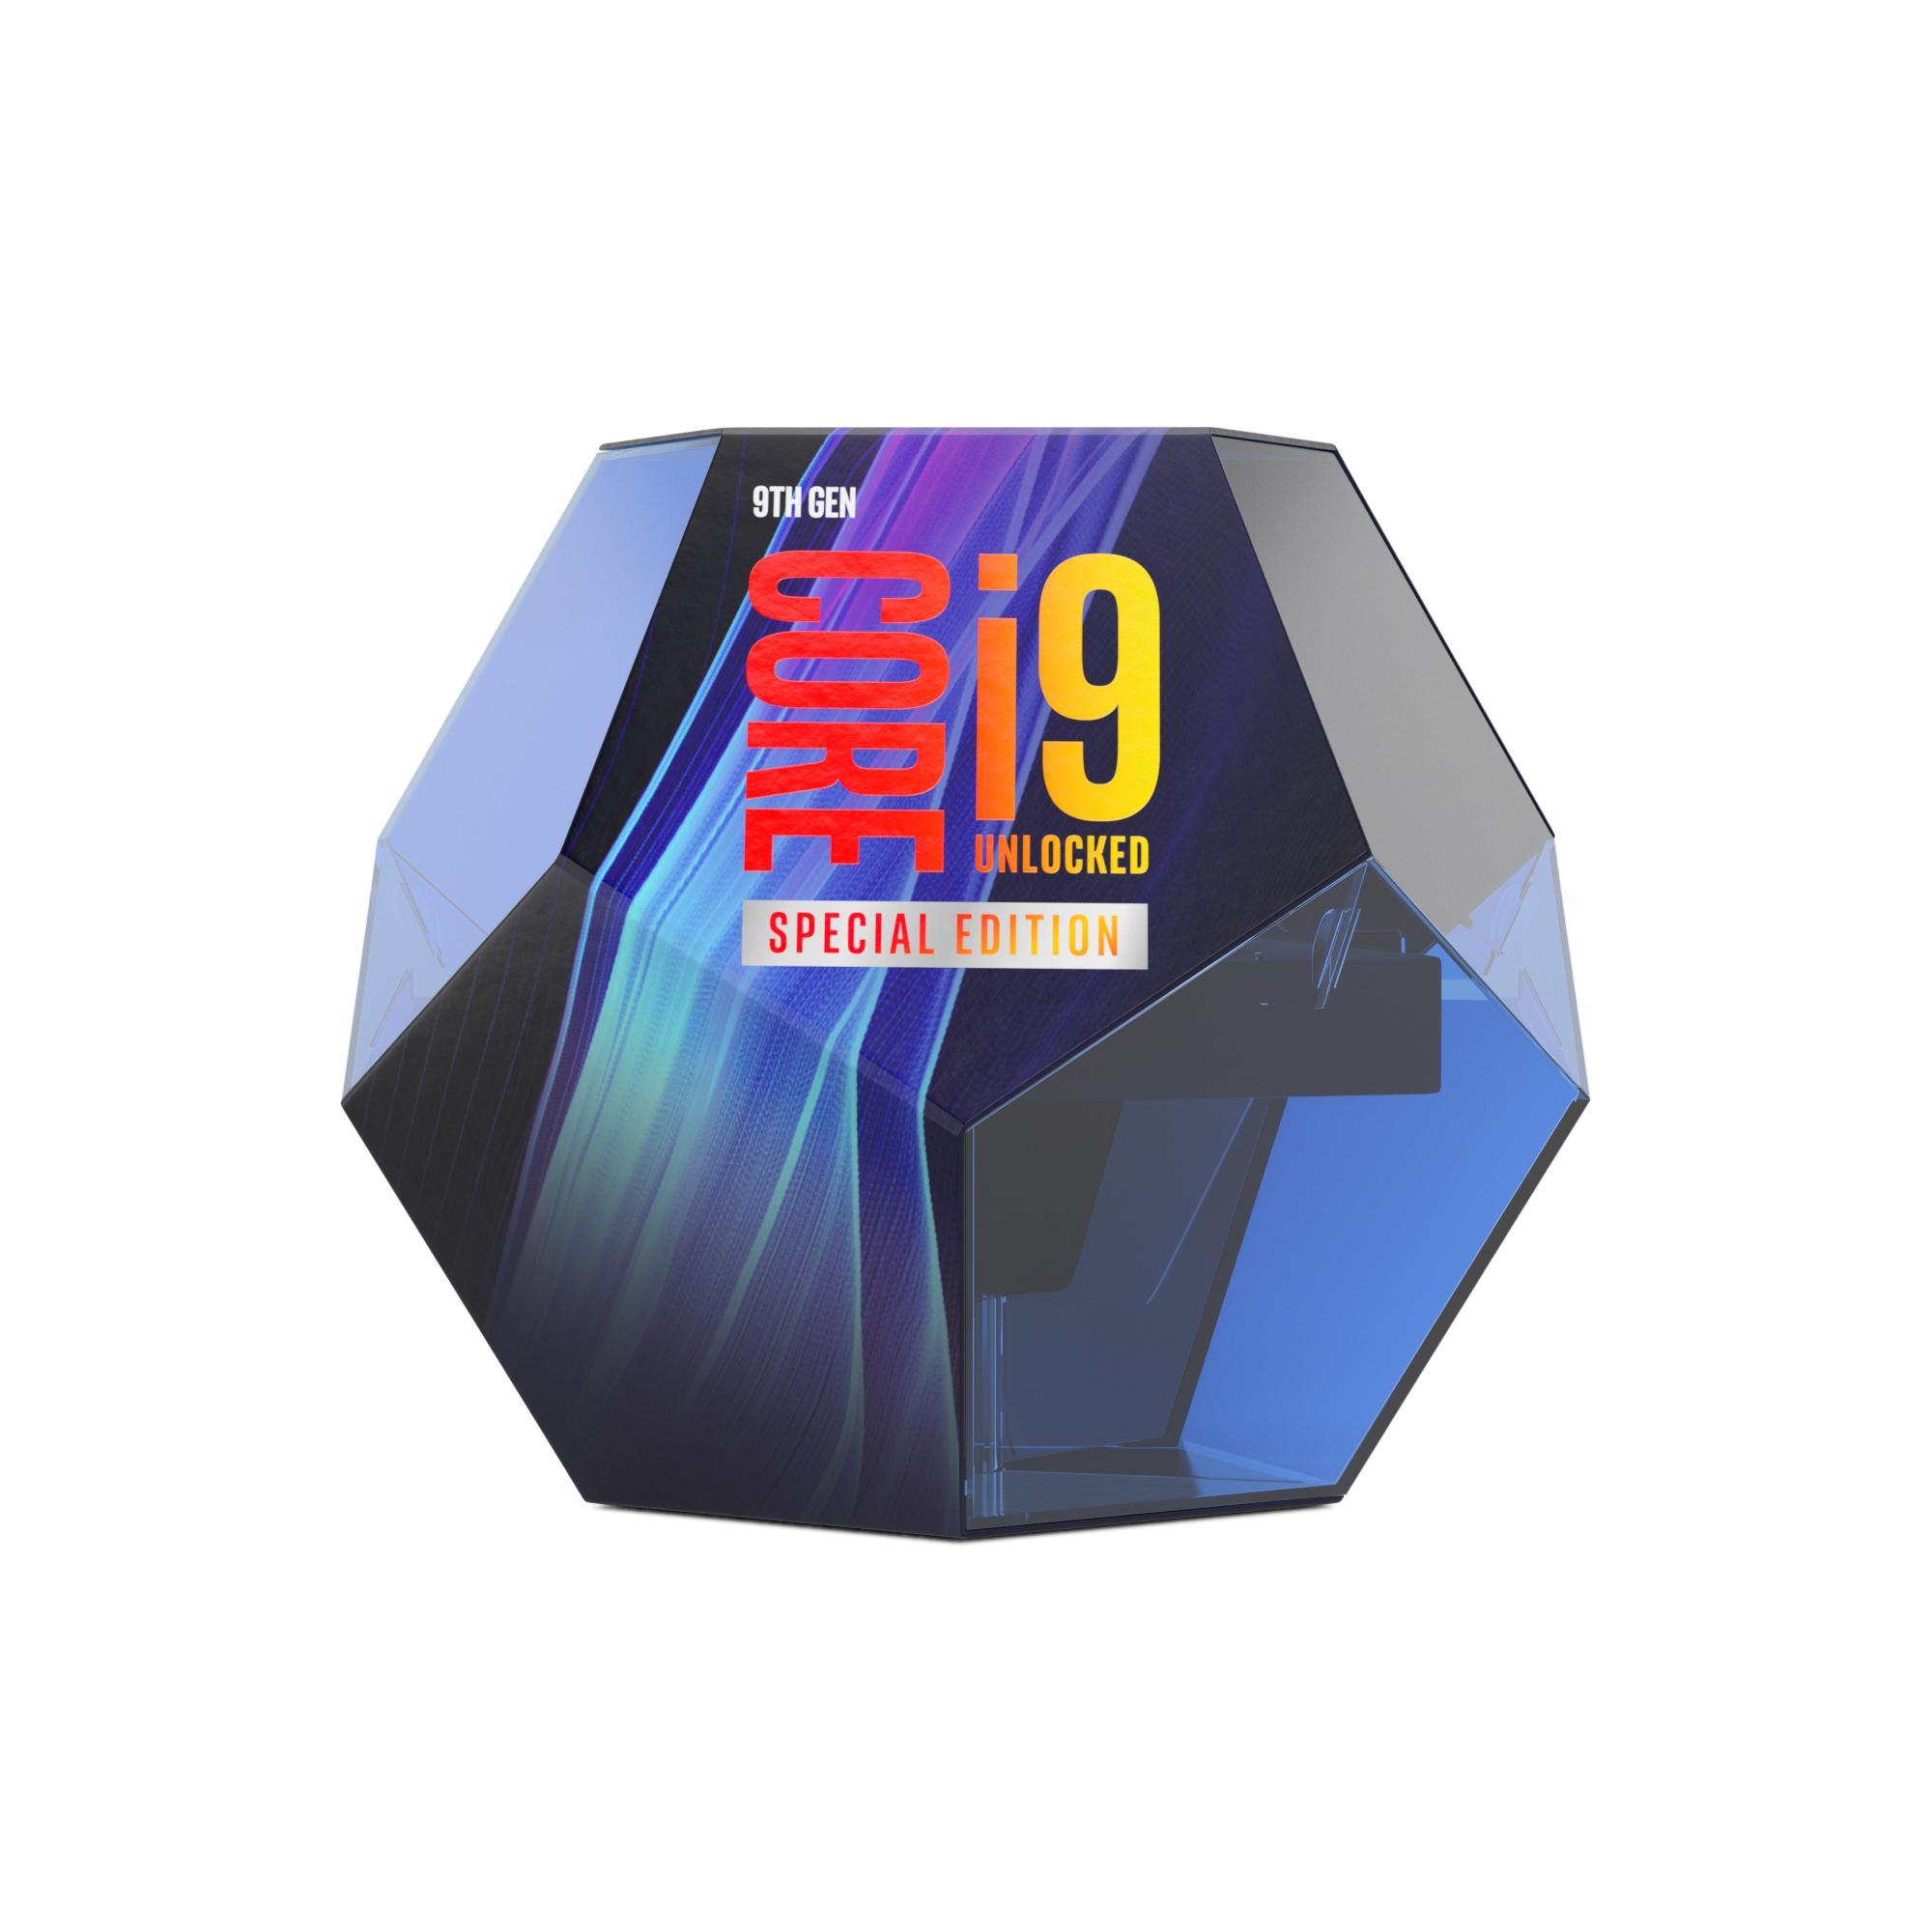 英特尔 酷睿 i9-9900KS 包装图.jpg